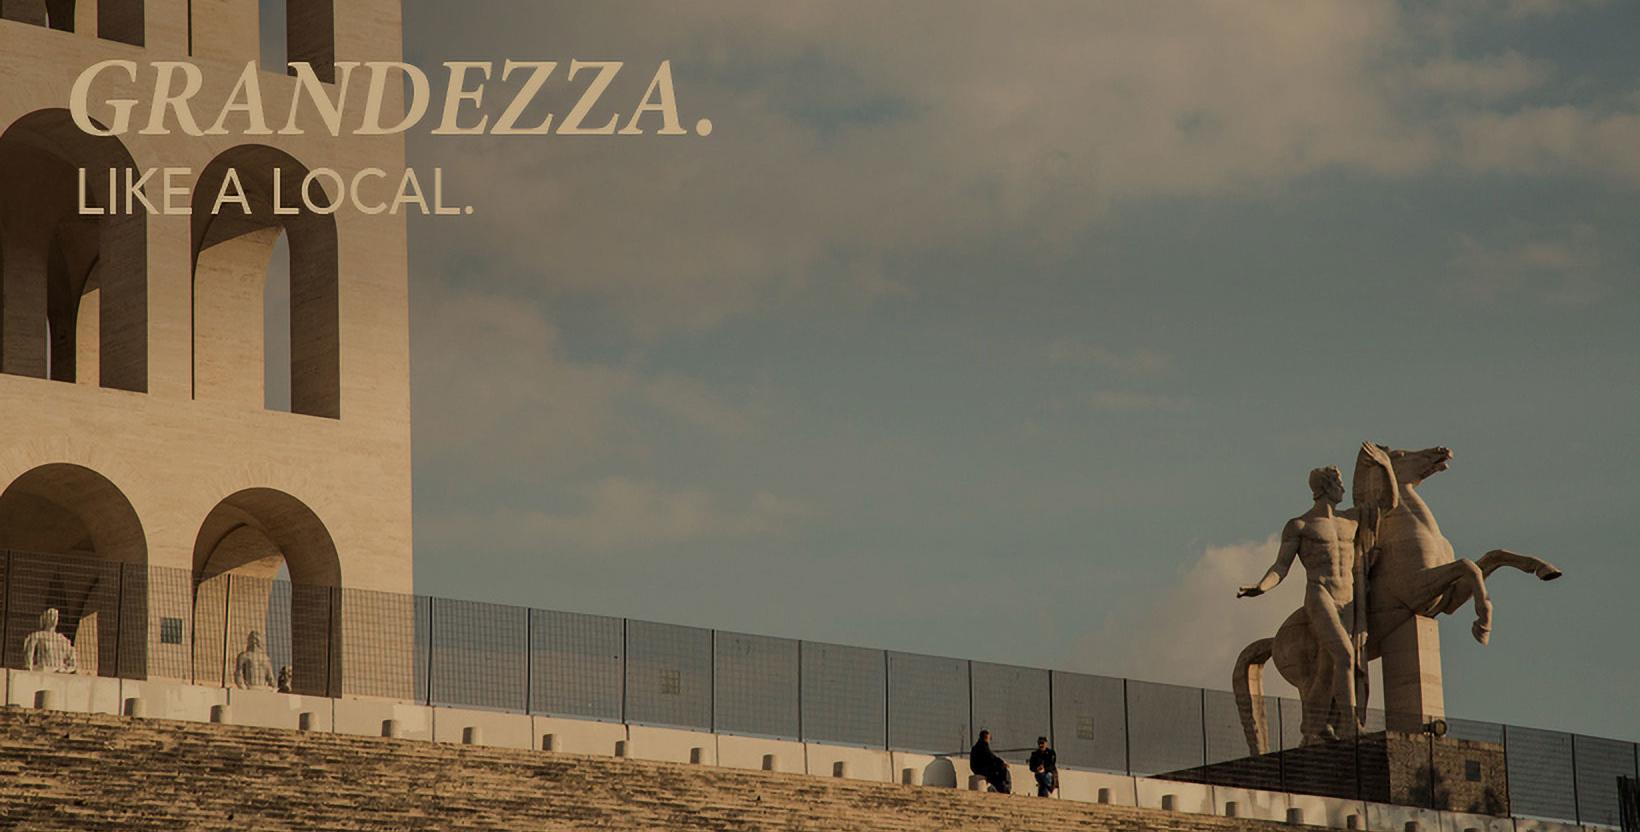 https://localike-roma.com/wp-content/uploads/2020/10/localike-roma-grandezza-Palazzo-Della-Civilta-Italiana-aspect-ratio-1640-832.jpg